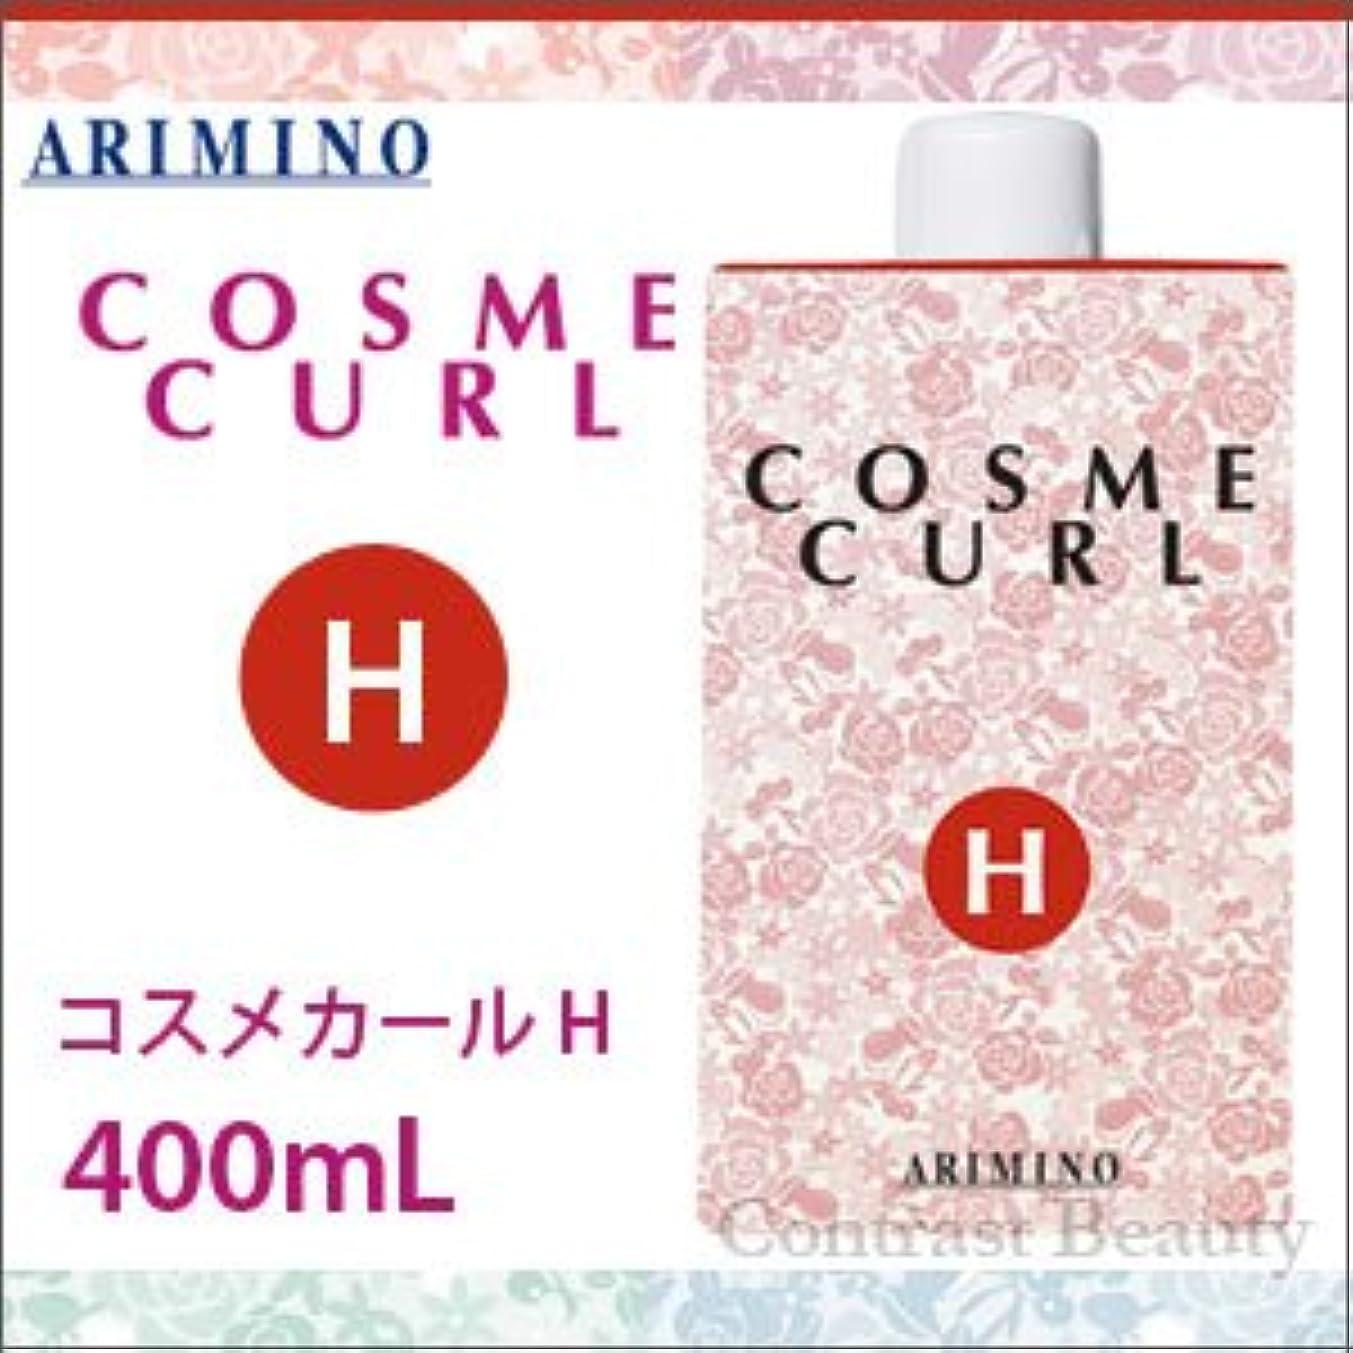 阻害する破壊的な並外れた【X5個セット】 アリミノ コスメカール H 400ml